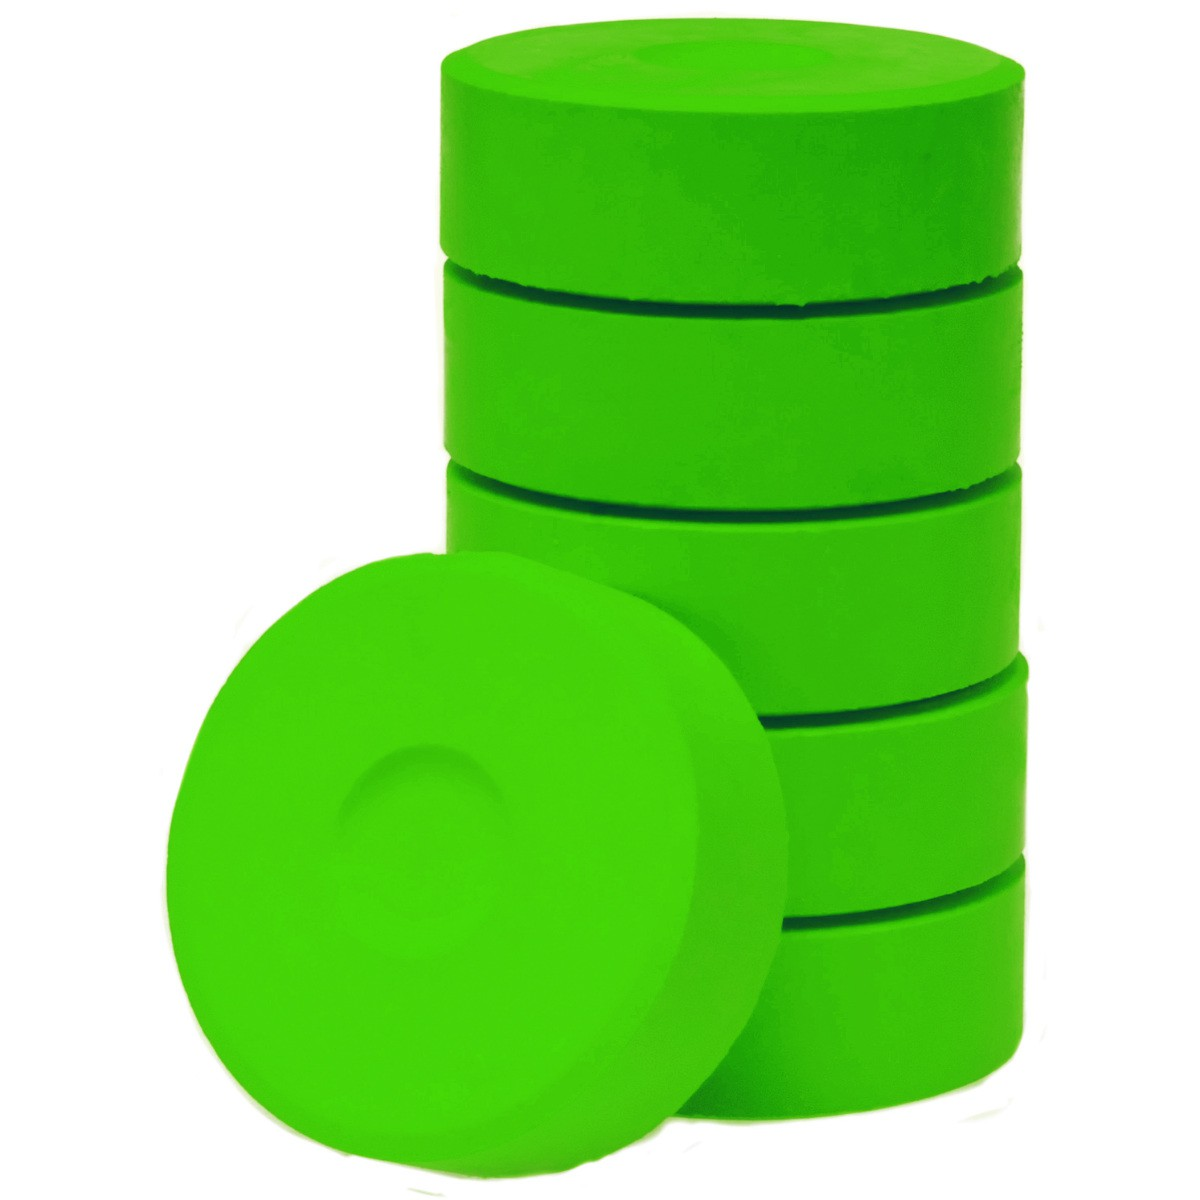 Tempera-Blöcke 55mm hellgrün 6 Stück - hochwertige Tempera Farb Pucks / Farbtabletten